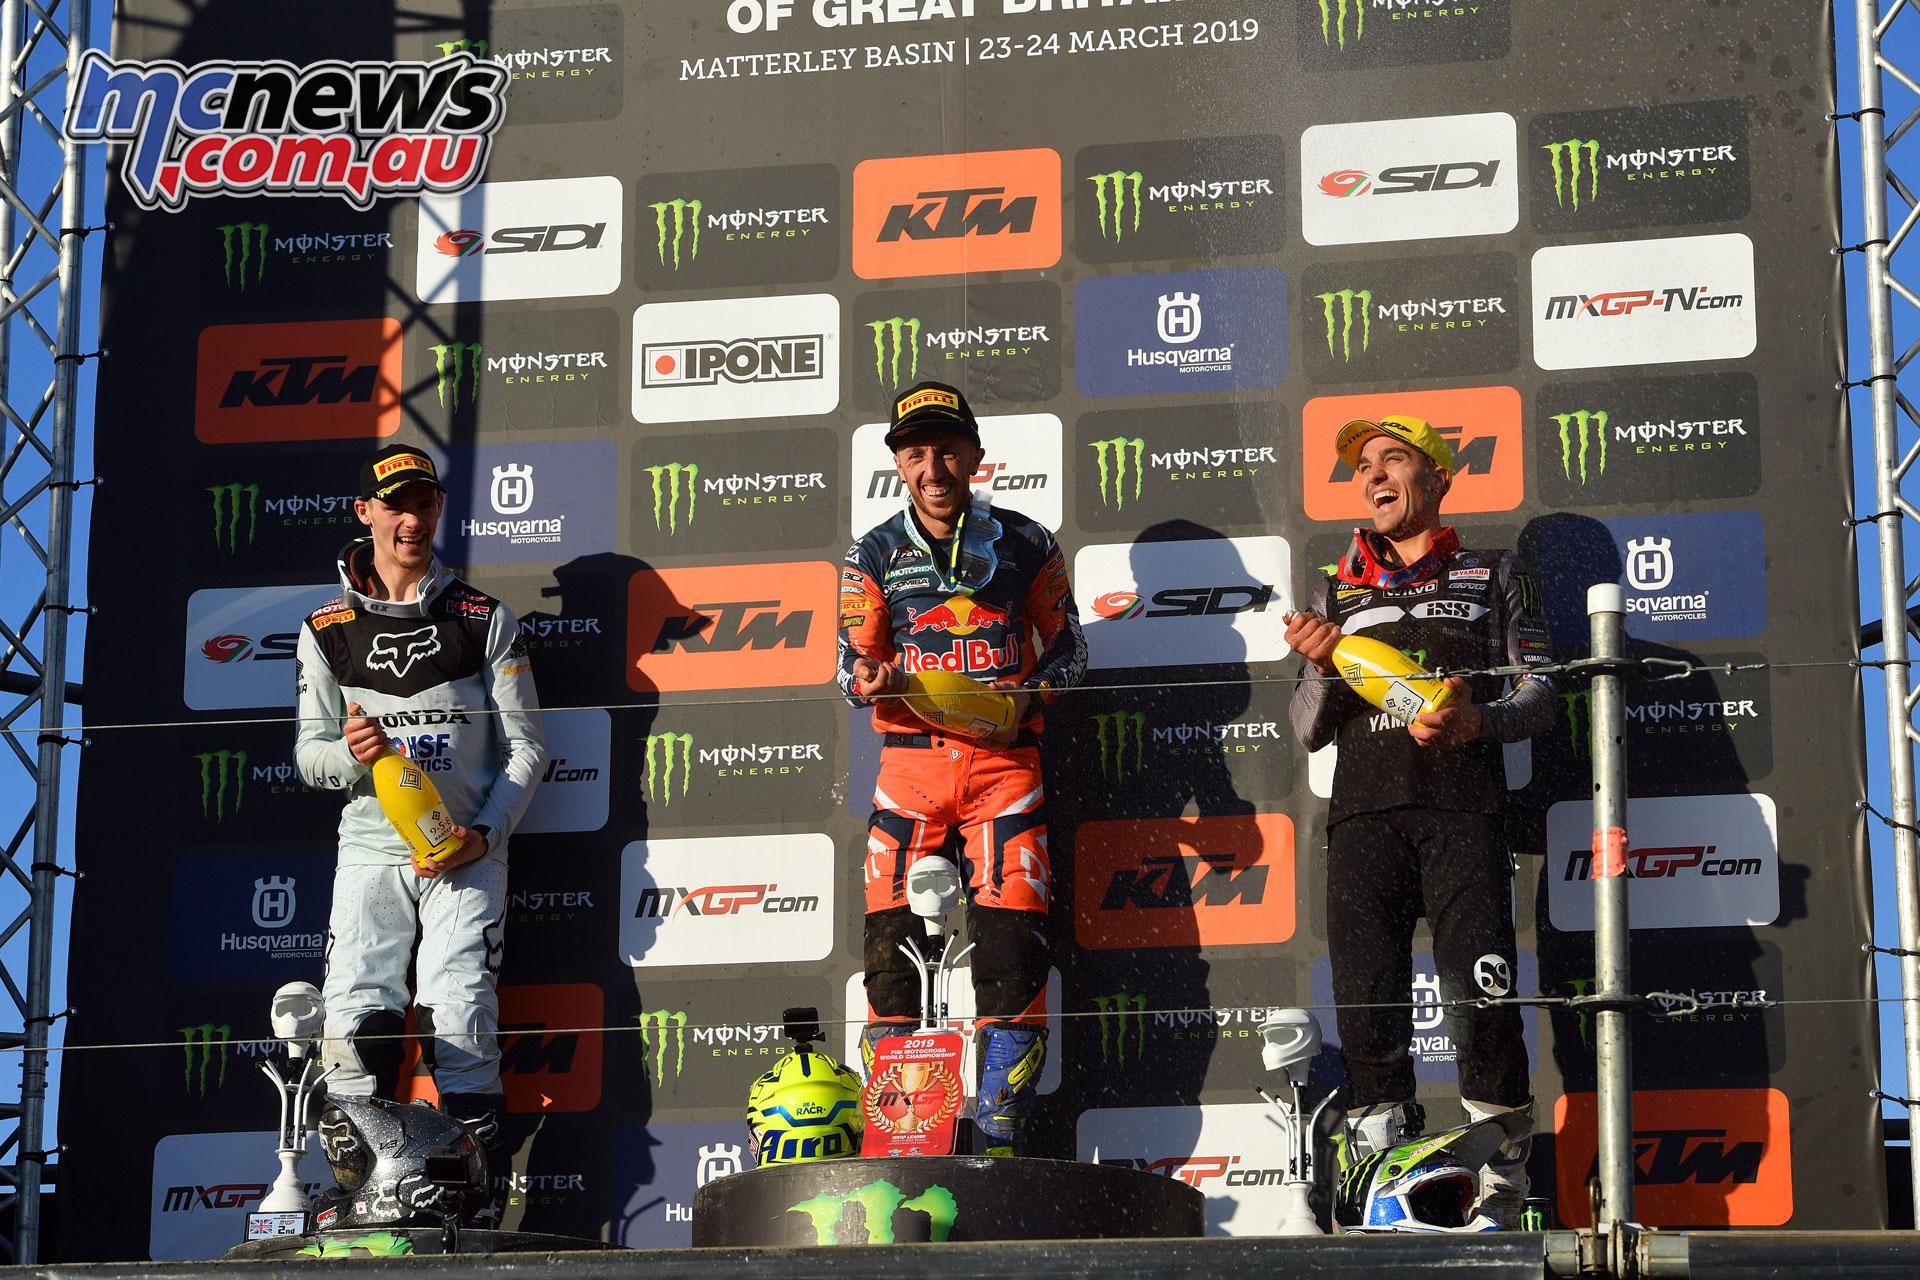 MXGP UK mxgp podium